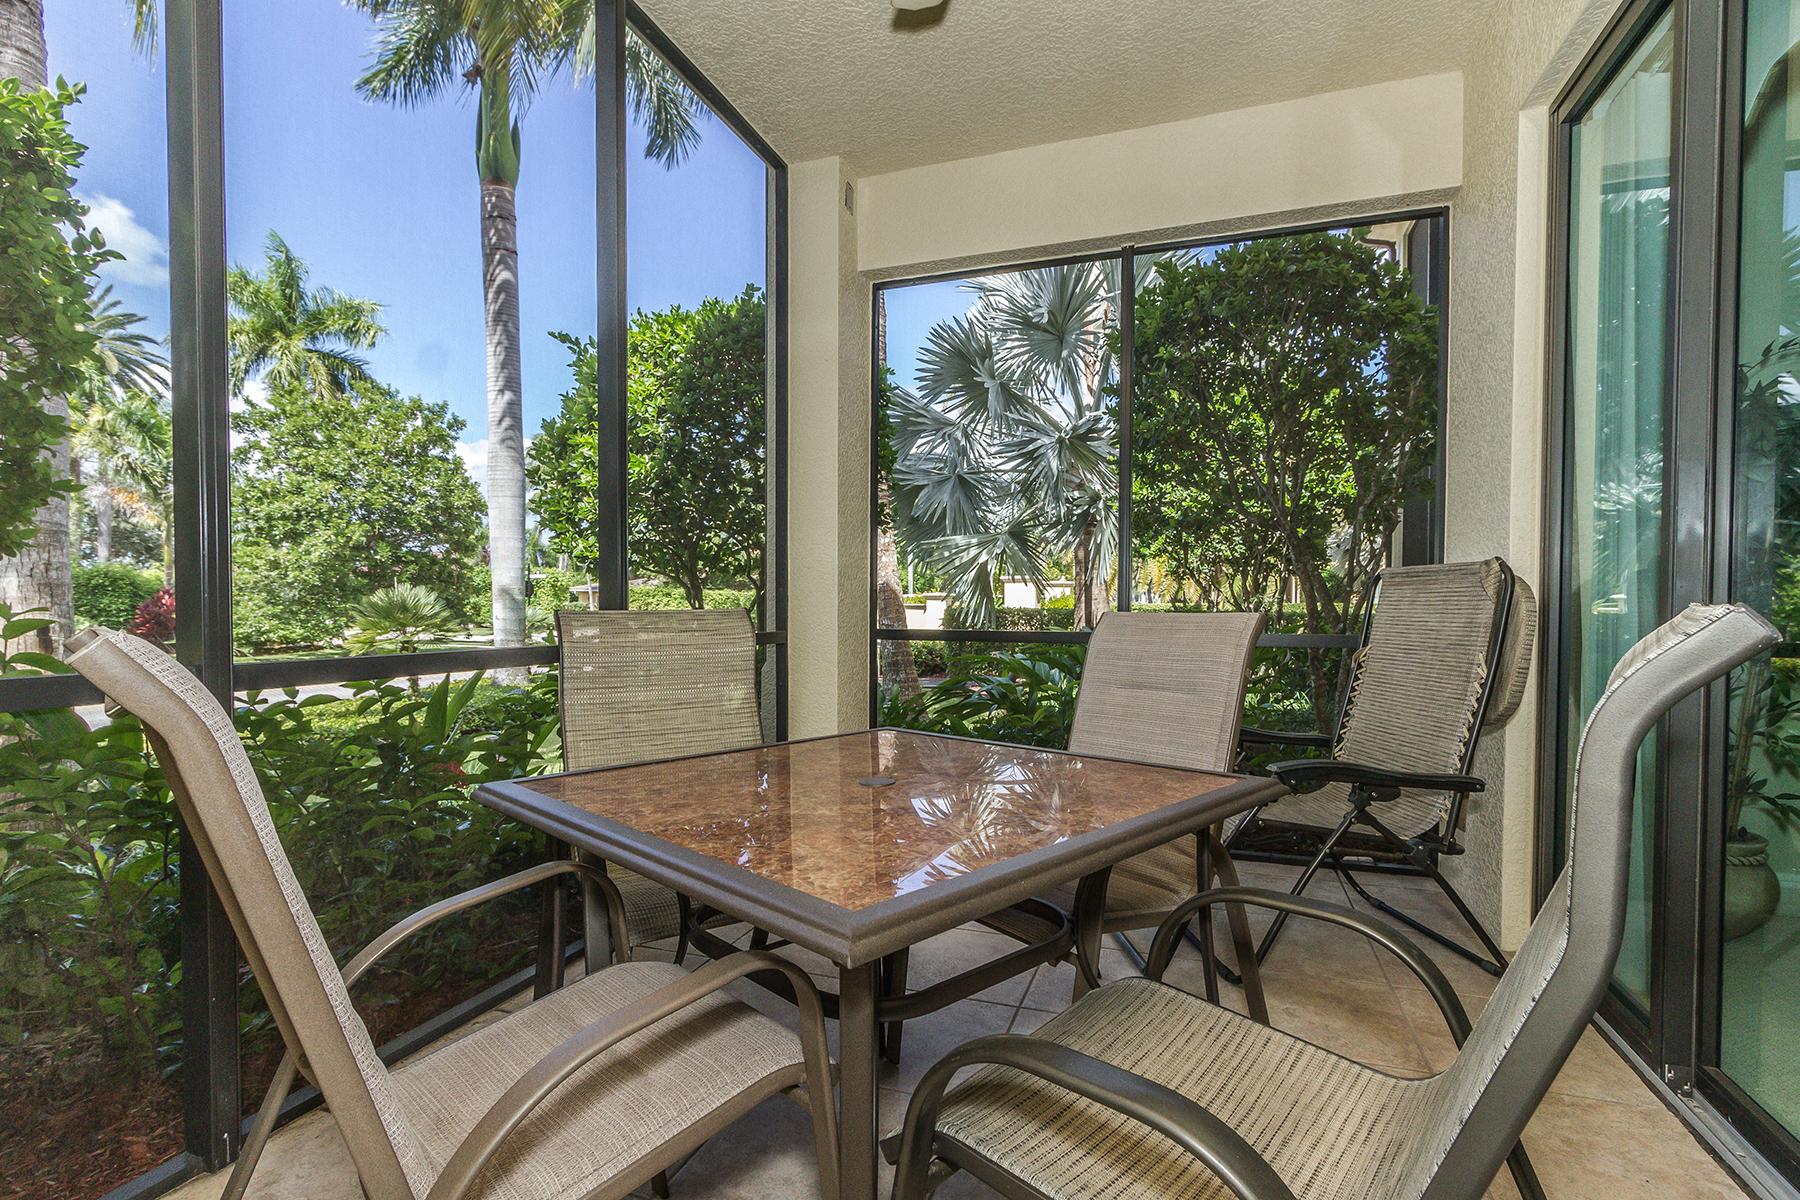 Condominium for Rent at 985 Sandpiper St , I-103, Naples, FL 34102 985 Sandpiper St I-103, Naples, Florida 34102 United States